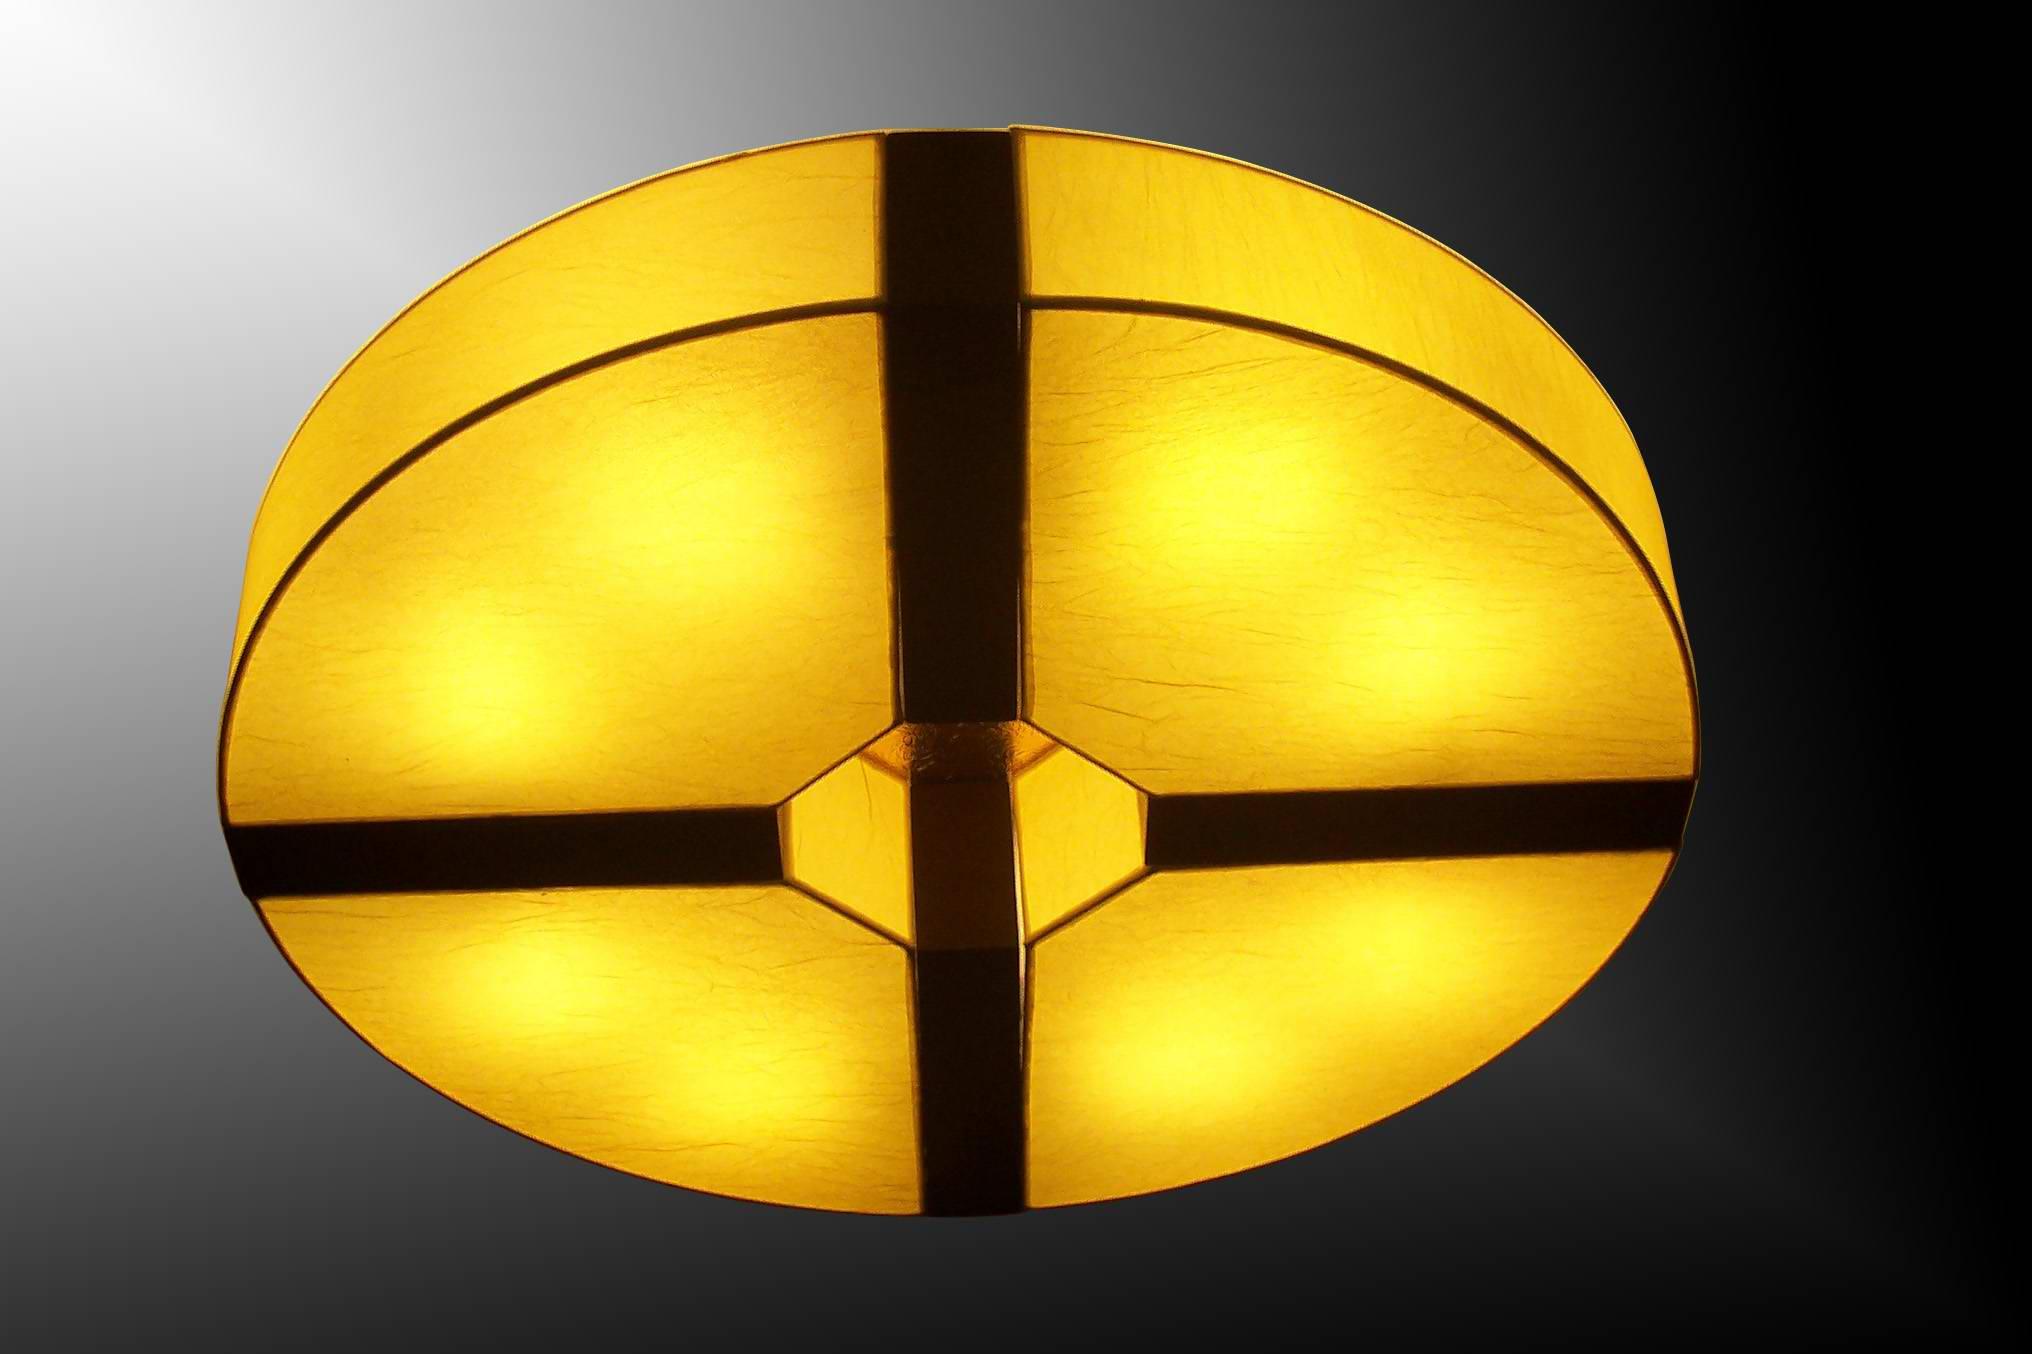 TPY-L057 Китай деньги дизайн стиль пергамент барабан люстра свет сделан в китае